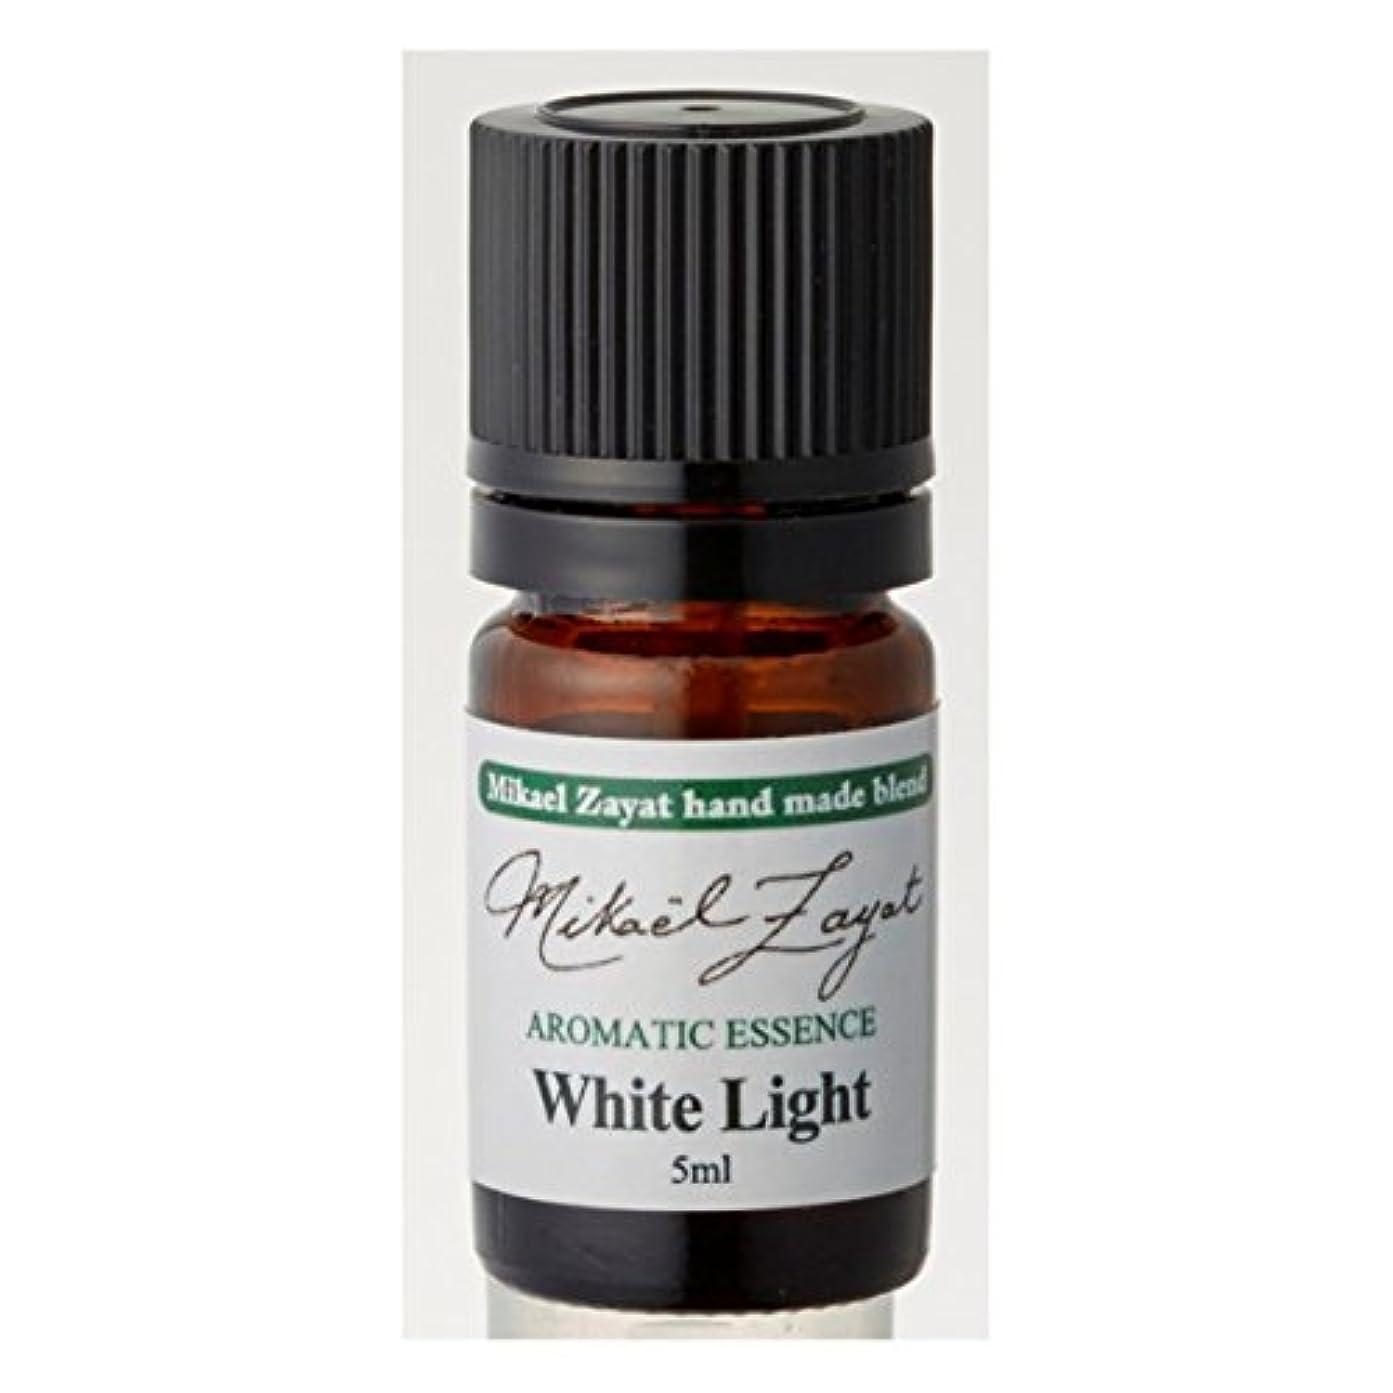 エイリアン日付わかるミカエルザヤット ホワイトライト White Light 10ml/ Mikael Zayat hand made blend